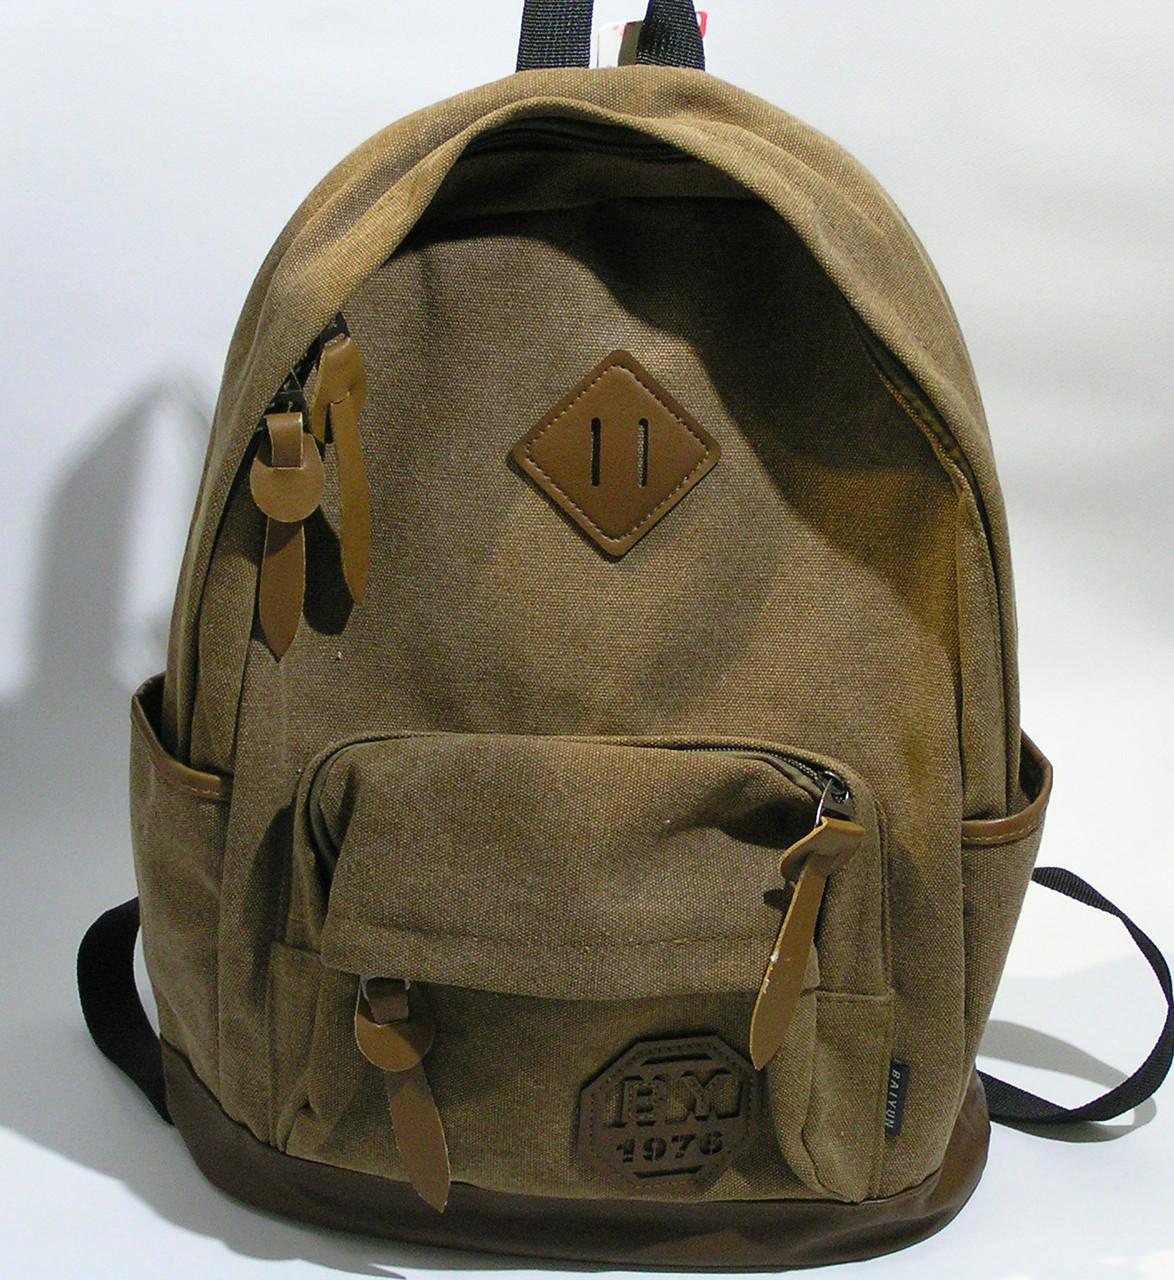 Вместительный рюкзак. Школьный рюкзак. Модный рюкзак. Портфель для школьника. Удобный. Код: КТМ286.